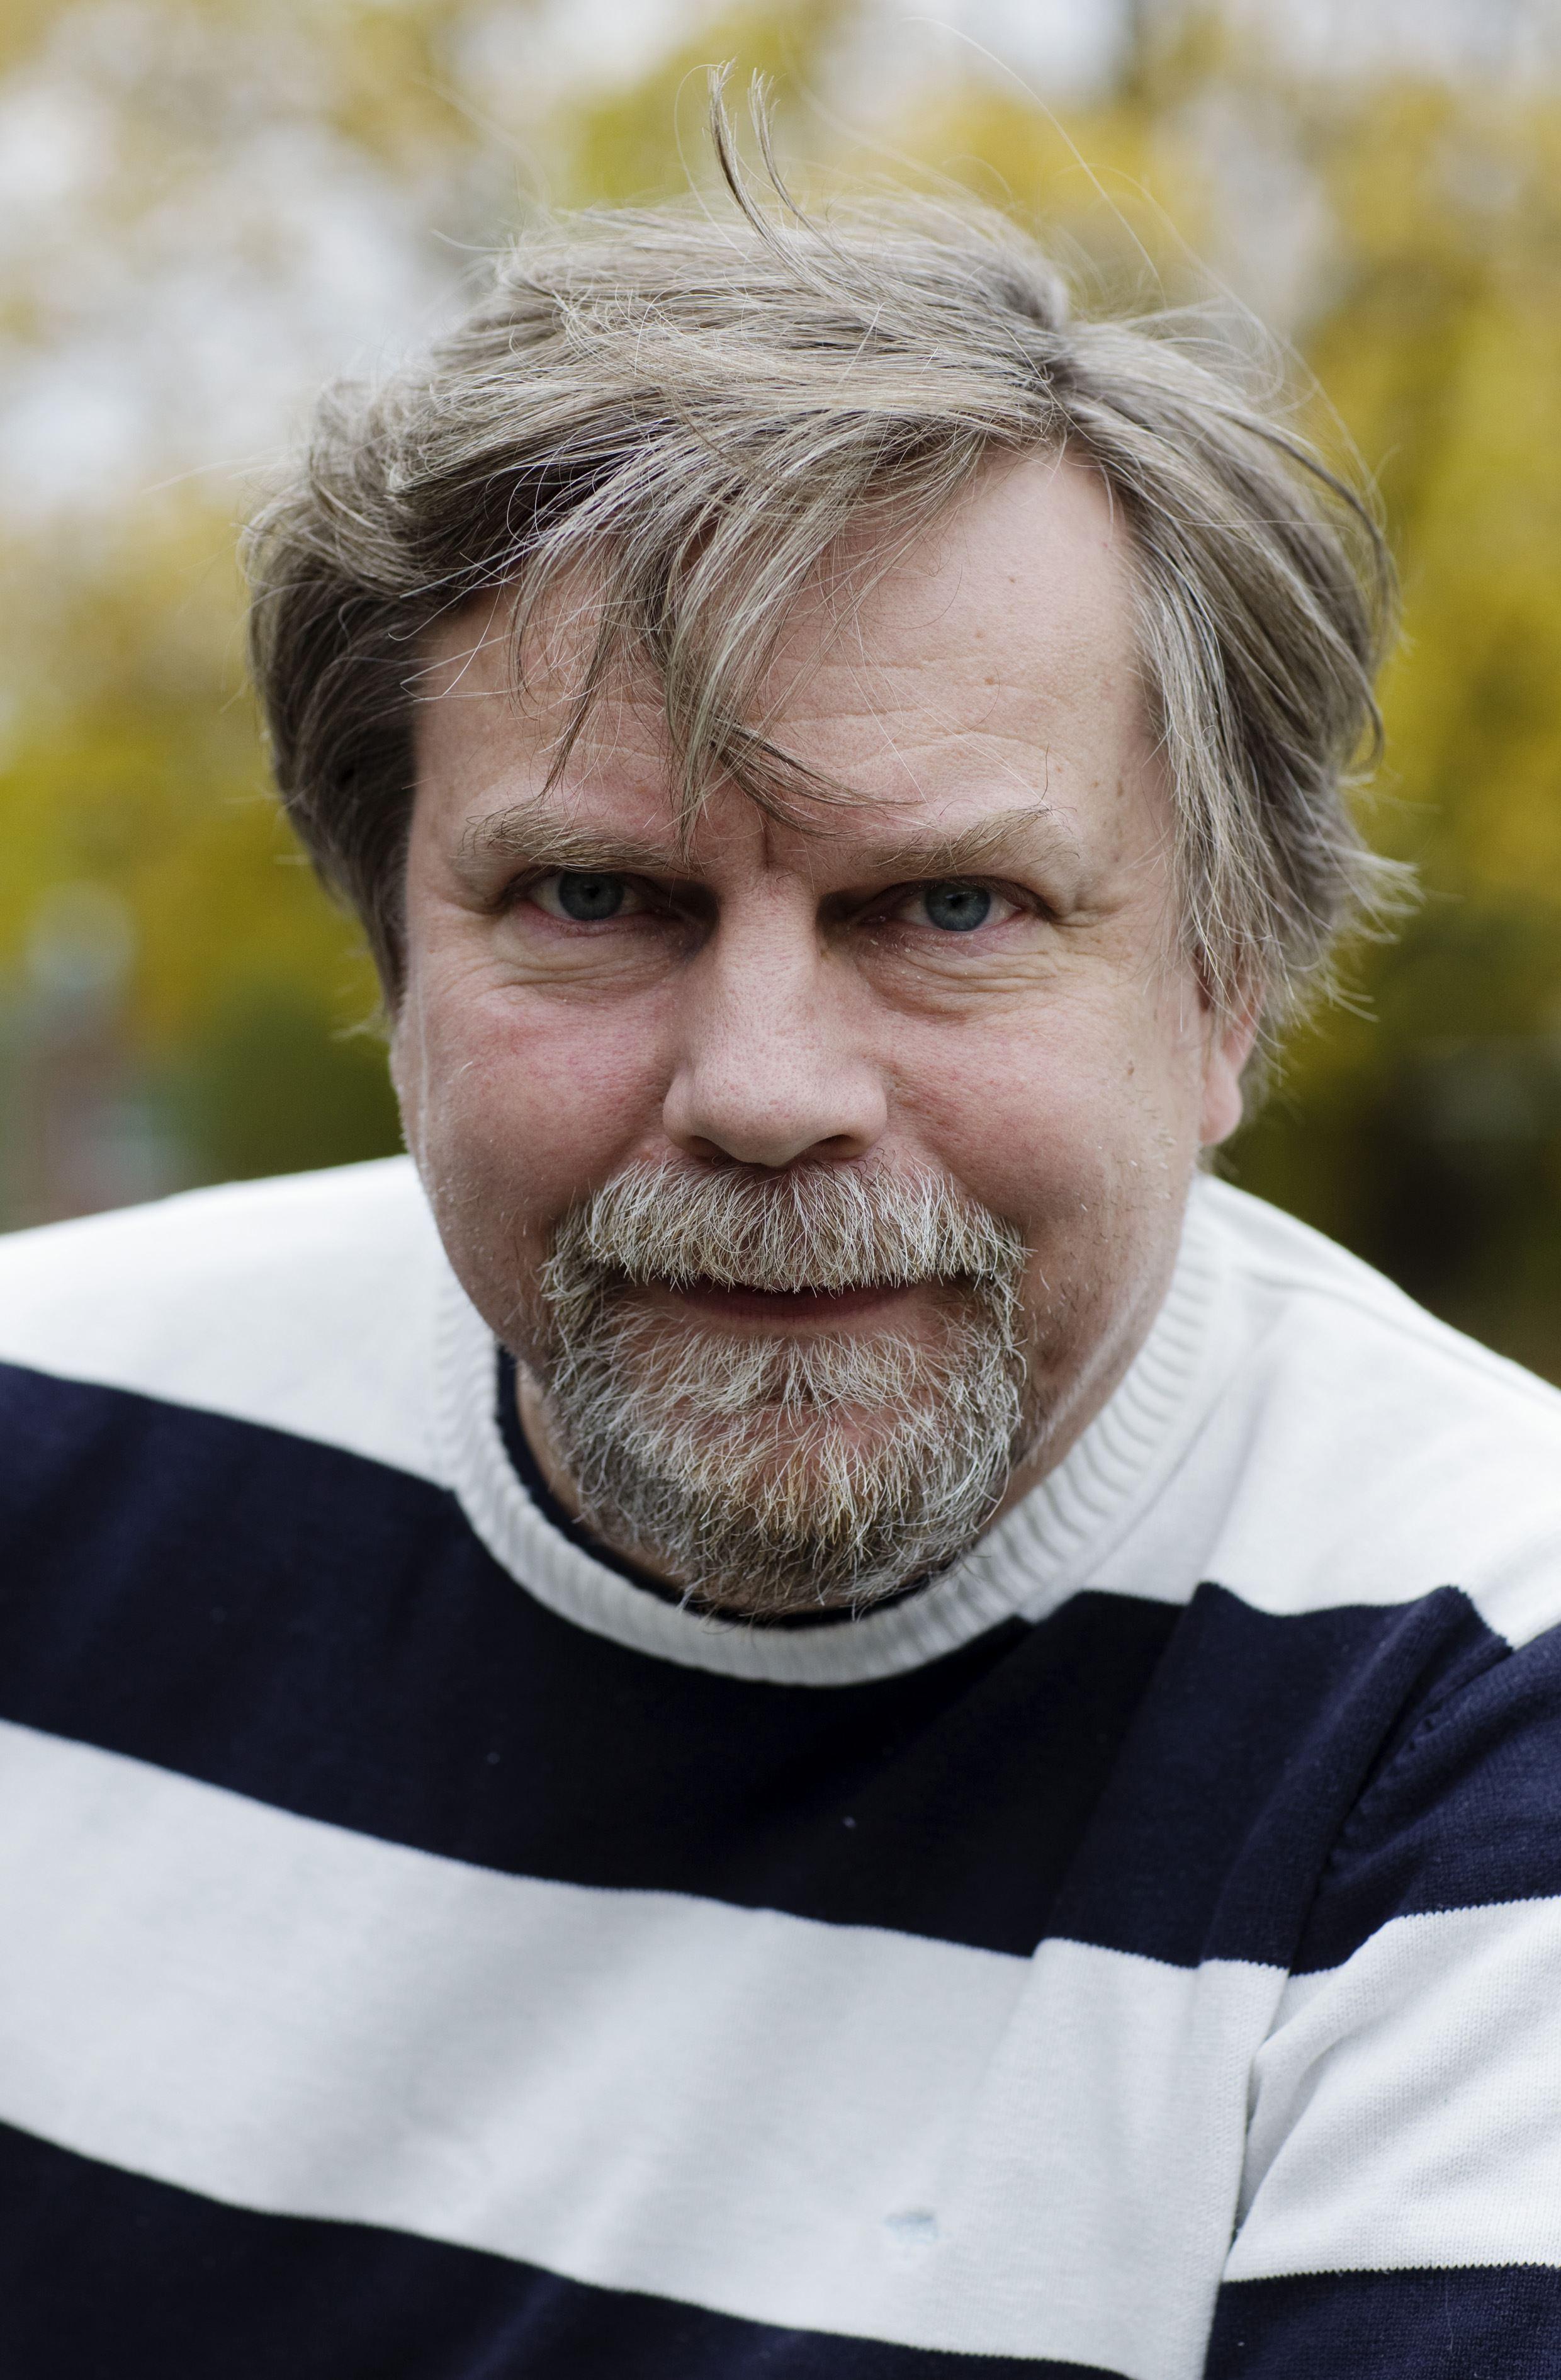 Föreläsning på Östra Tommarps Bygdegård - Thorbjörn Laike -  professor och ljusforskare i Lund